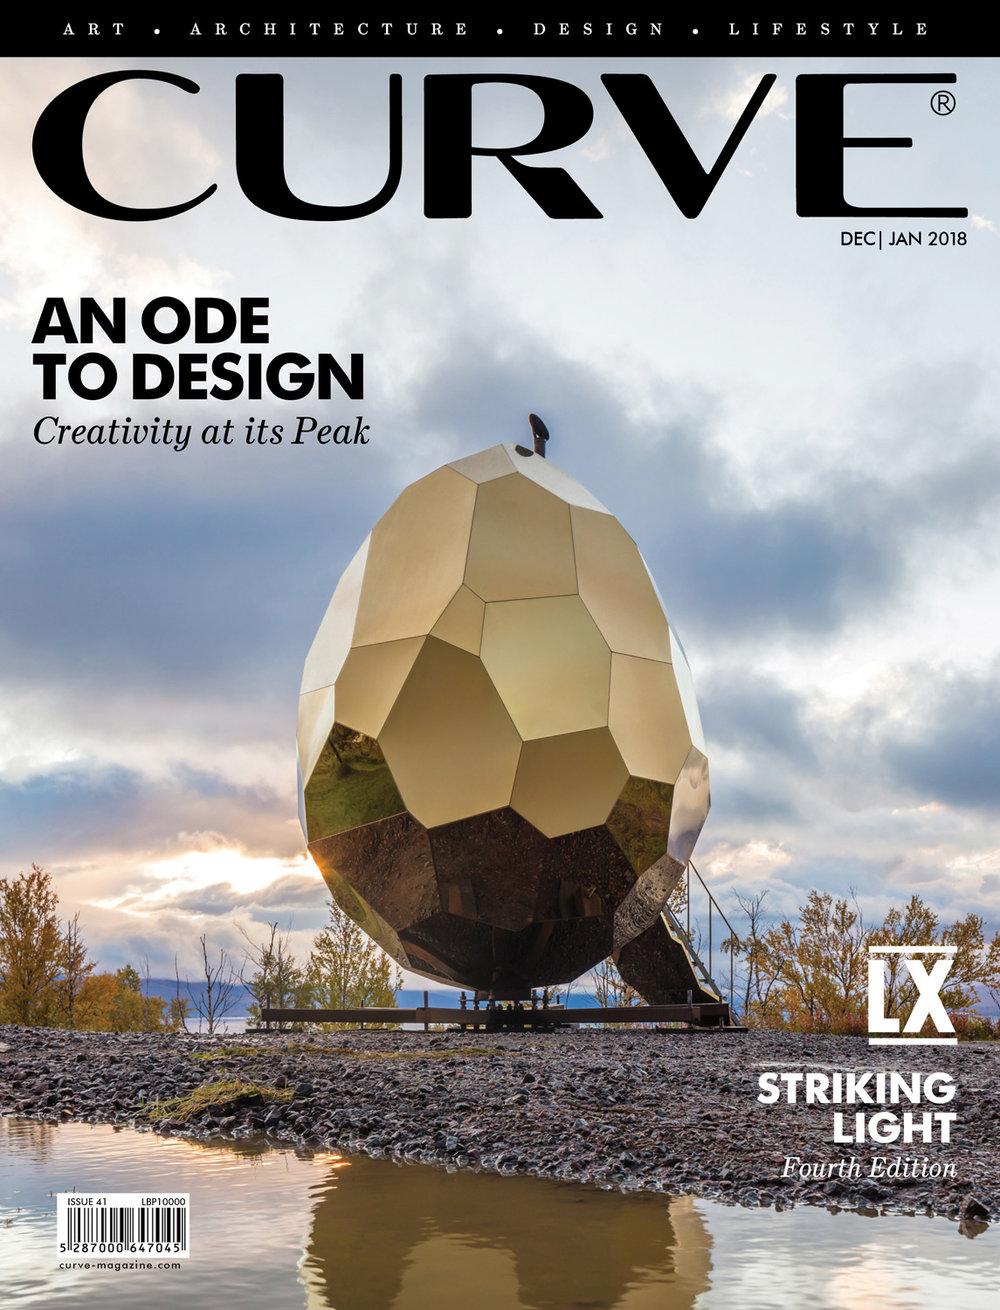 Christopher-Stuart-Curve-Magazine-Drape-2018-1-web.jpg